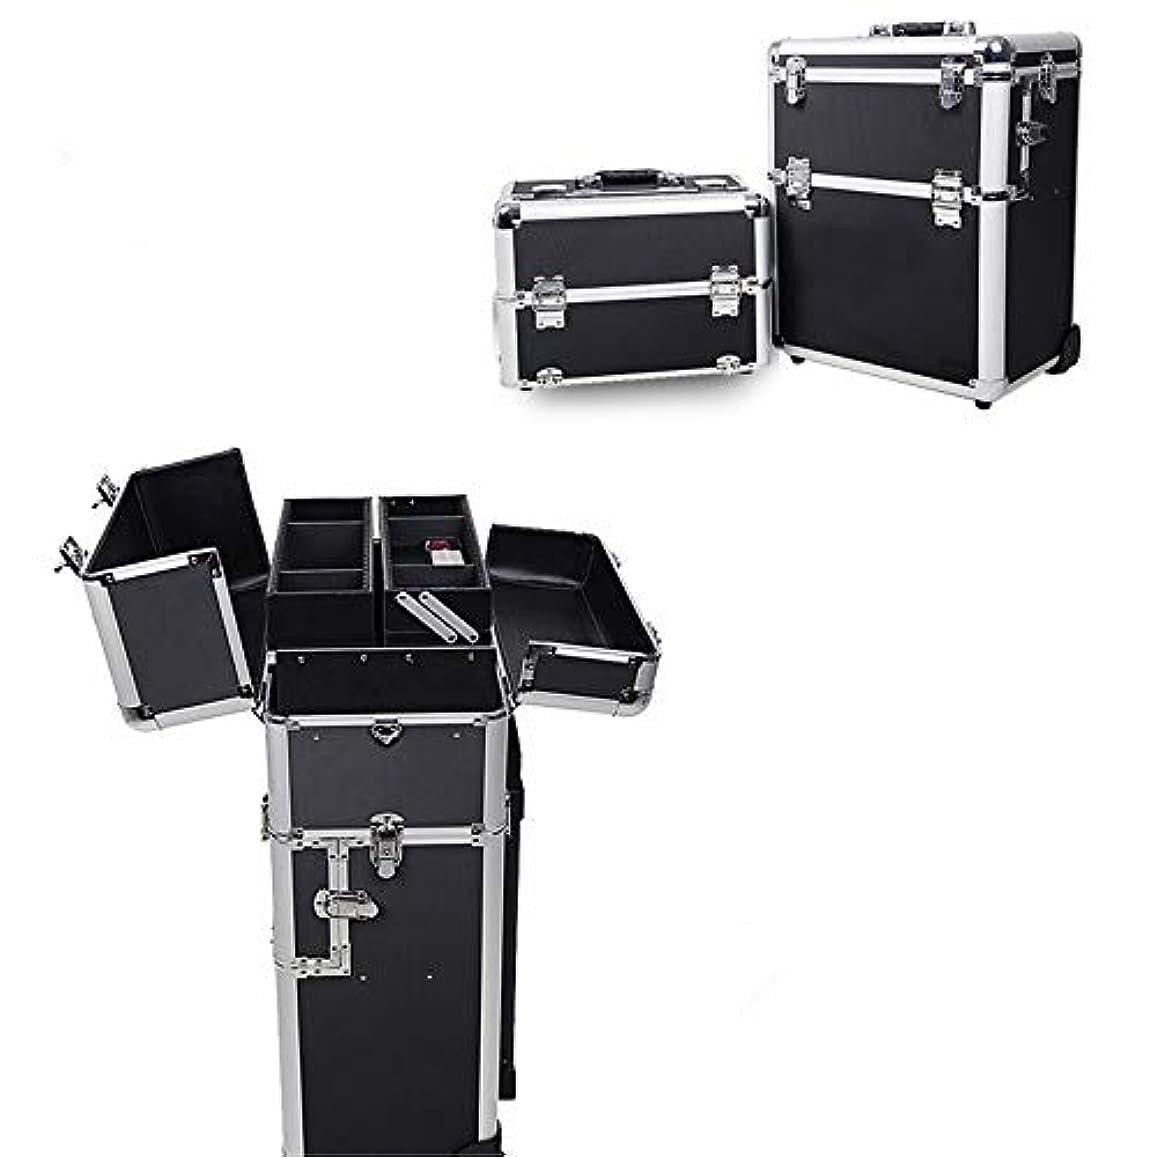 品種最初時期尚早化粧オーガナイザーバッグ 旅行メイクバッグ3層スーツケースメイク化粧品バッグポータブルトイレタージュ化粧ケース 化粧品ケース